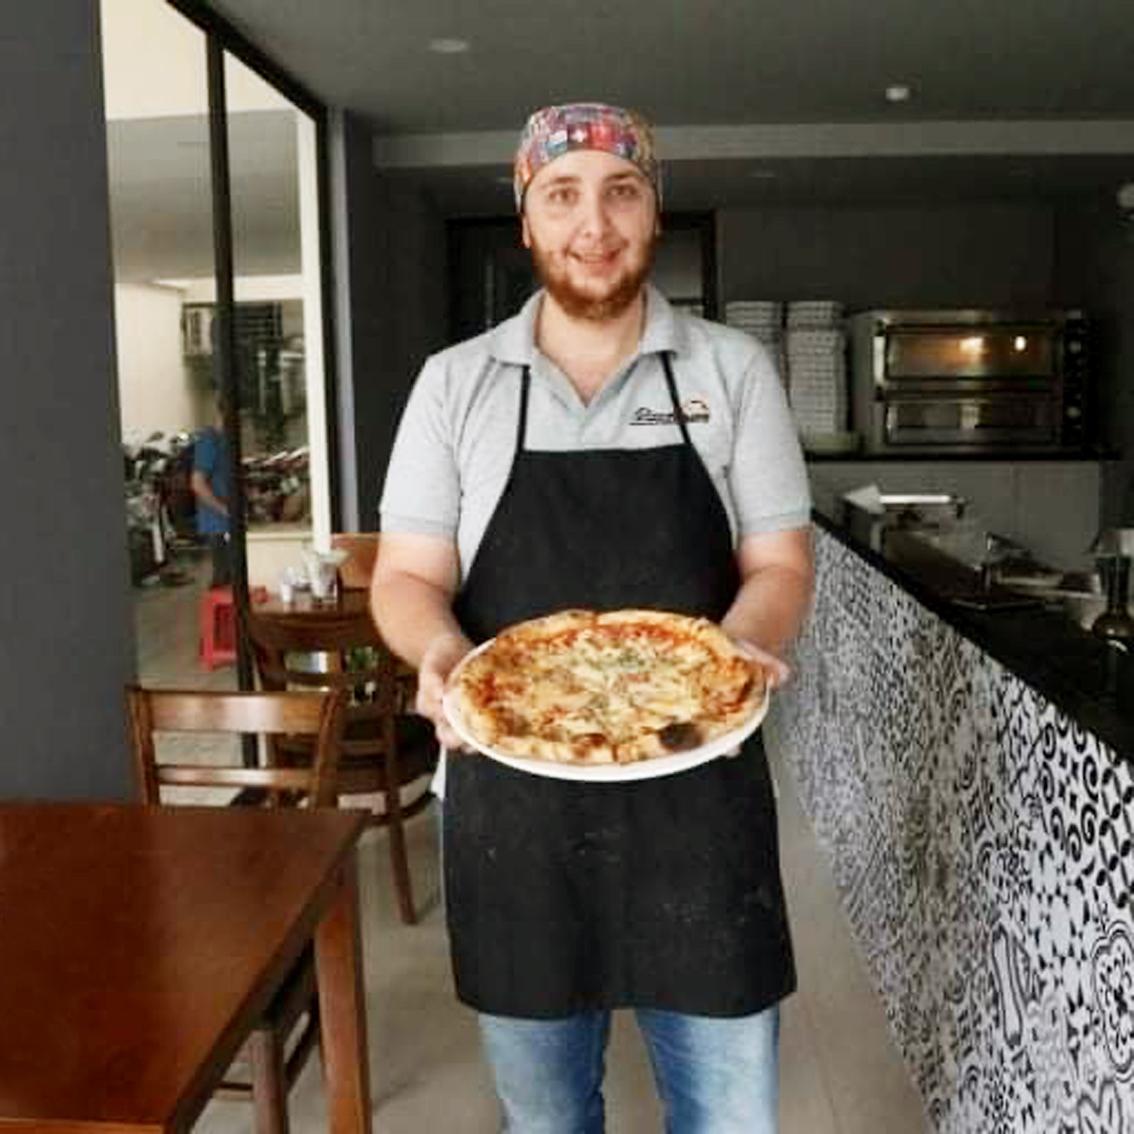 Anh Mattie Di Paolo điều chỉnh cách chế biến pizza để khách đặt về dùng tại nhà phù hợp hơn